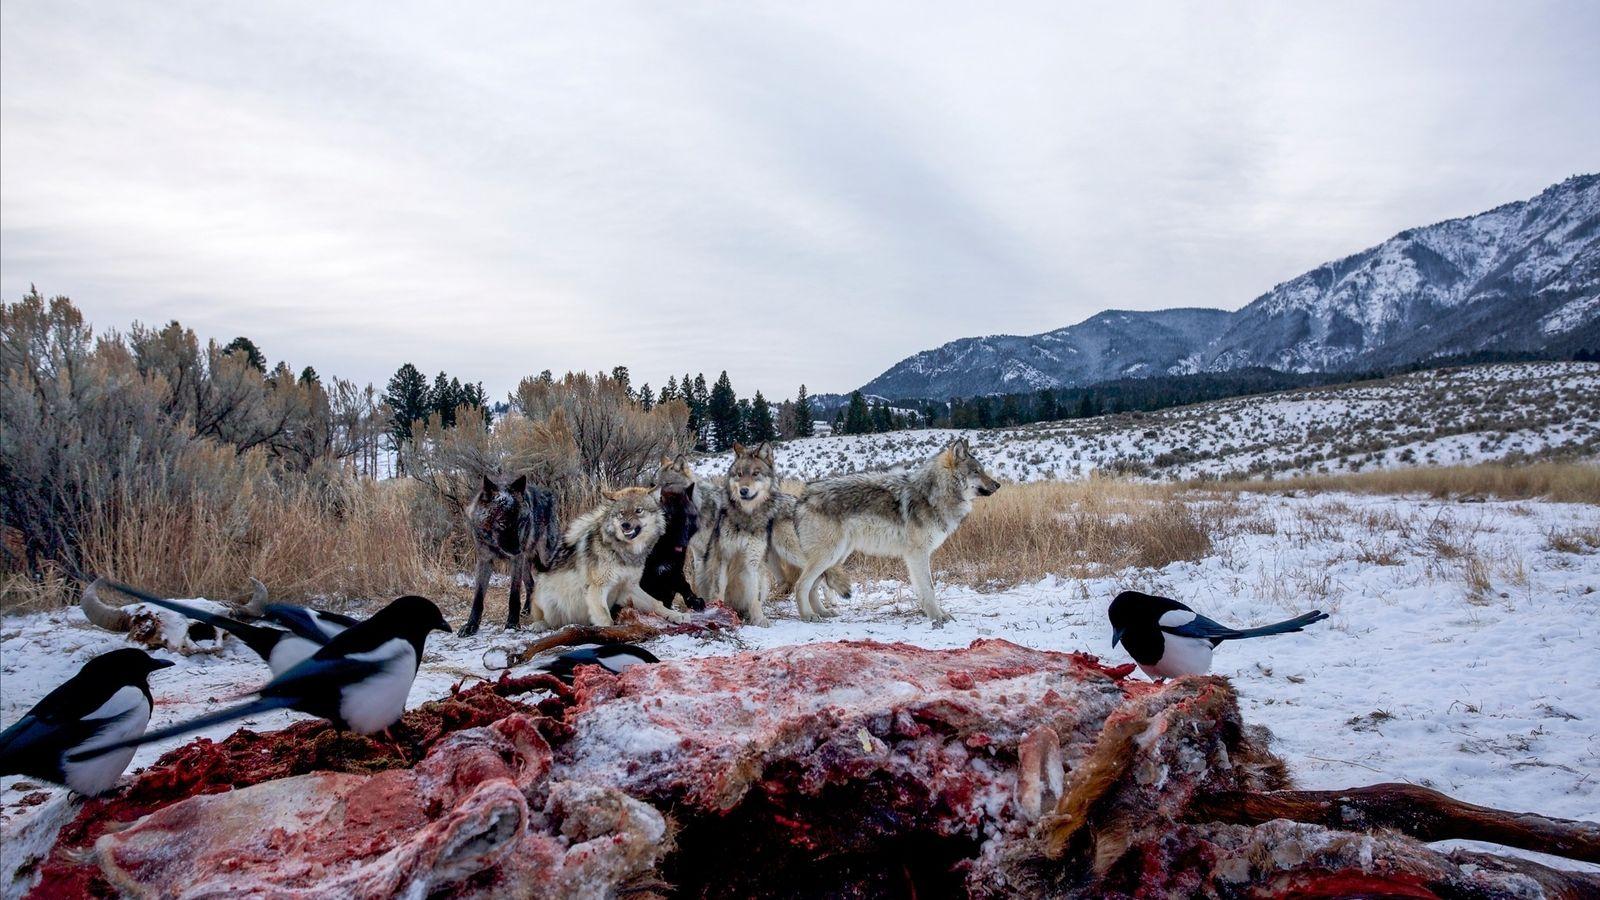 Wölfe und Elstern fallen über die entsorgten Kadaver her, die Jäger im Yellowstone-Nationalpark zurücklassen.